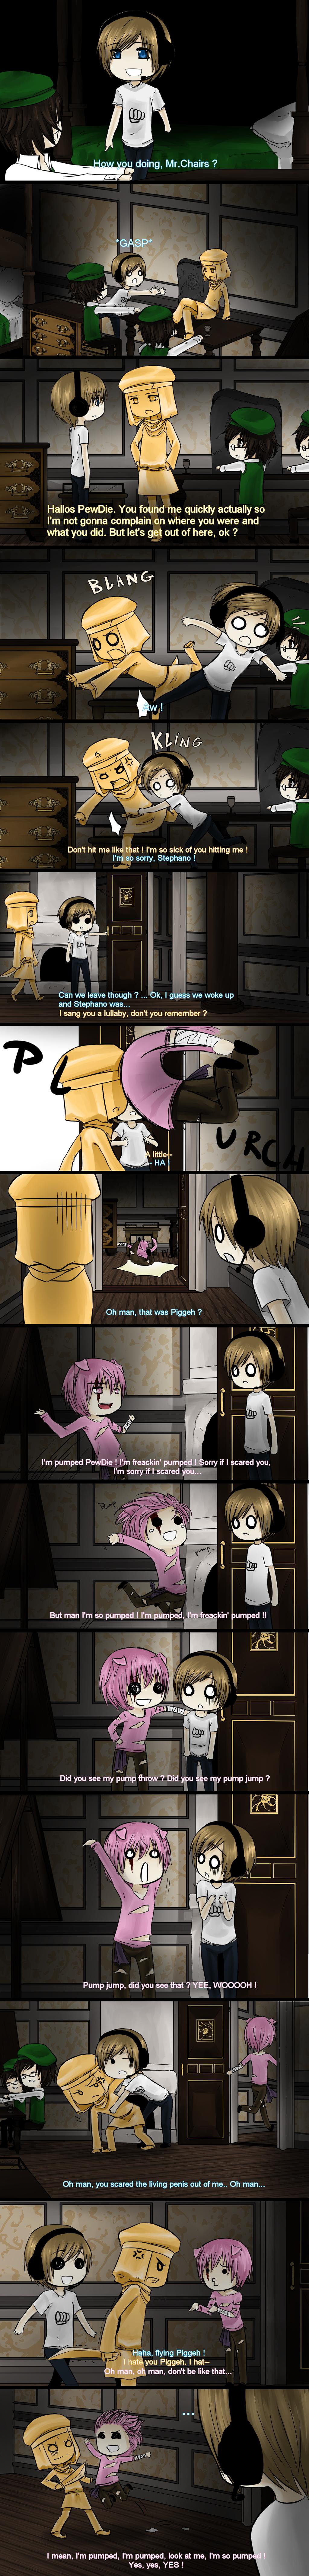 pewdiepie. LOL XD.. As seen in ever Amnesia Gameplay video by Pewdiepie ever.